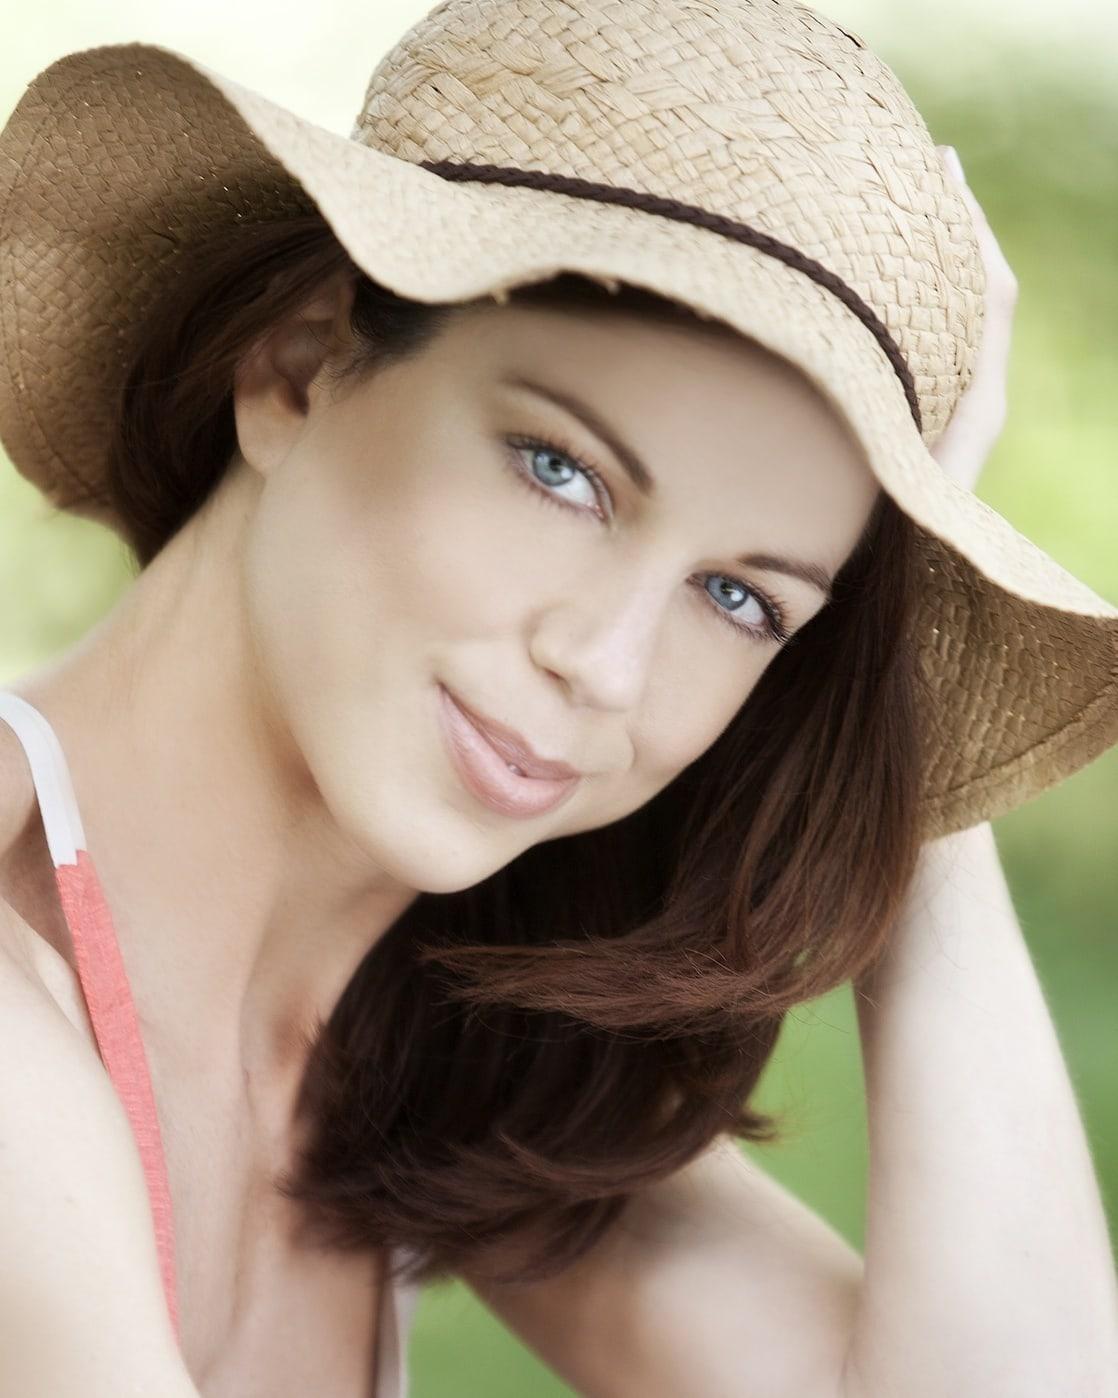 Melina Kanakaredes,Michele Weaver Hot nude Mary Doran,Shannon Emerick